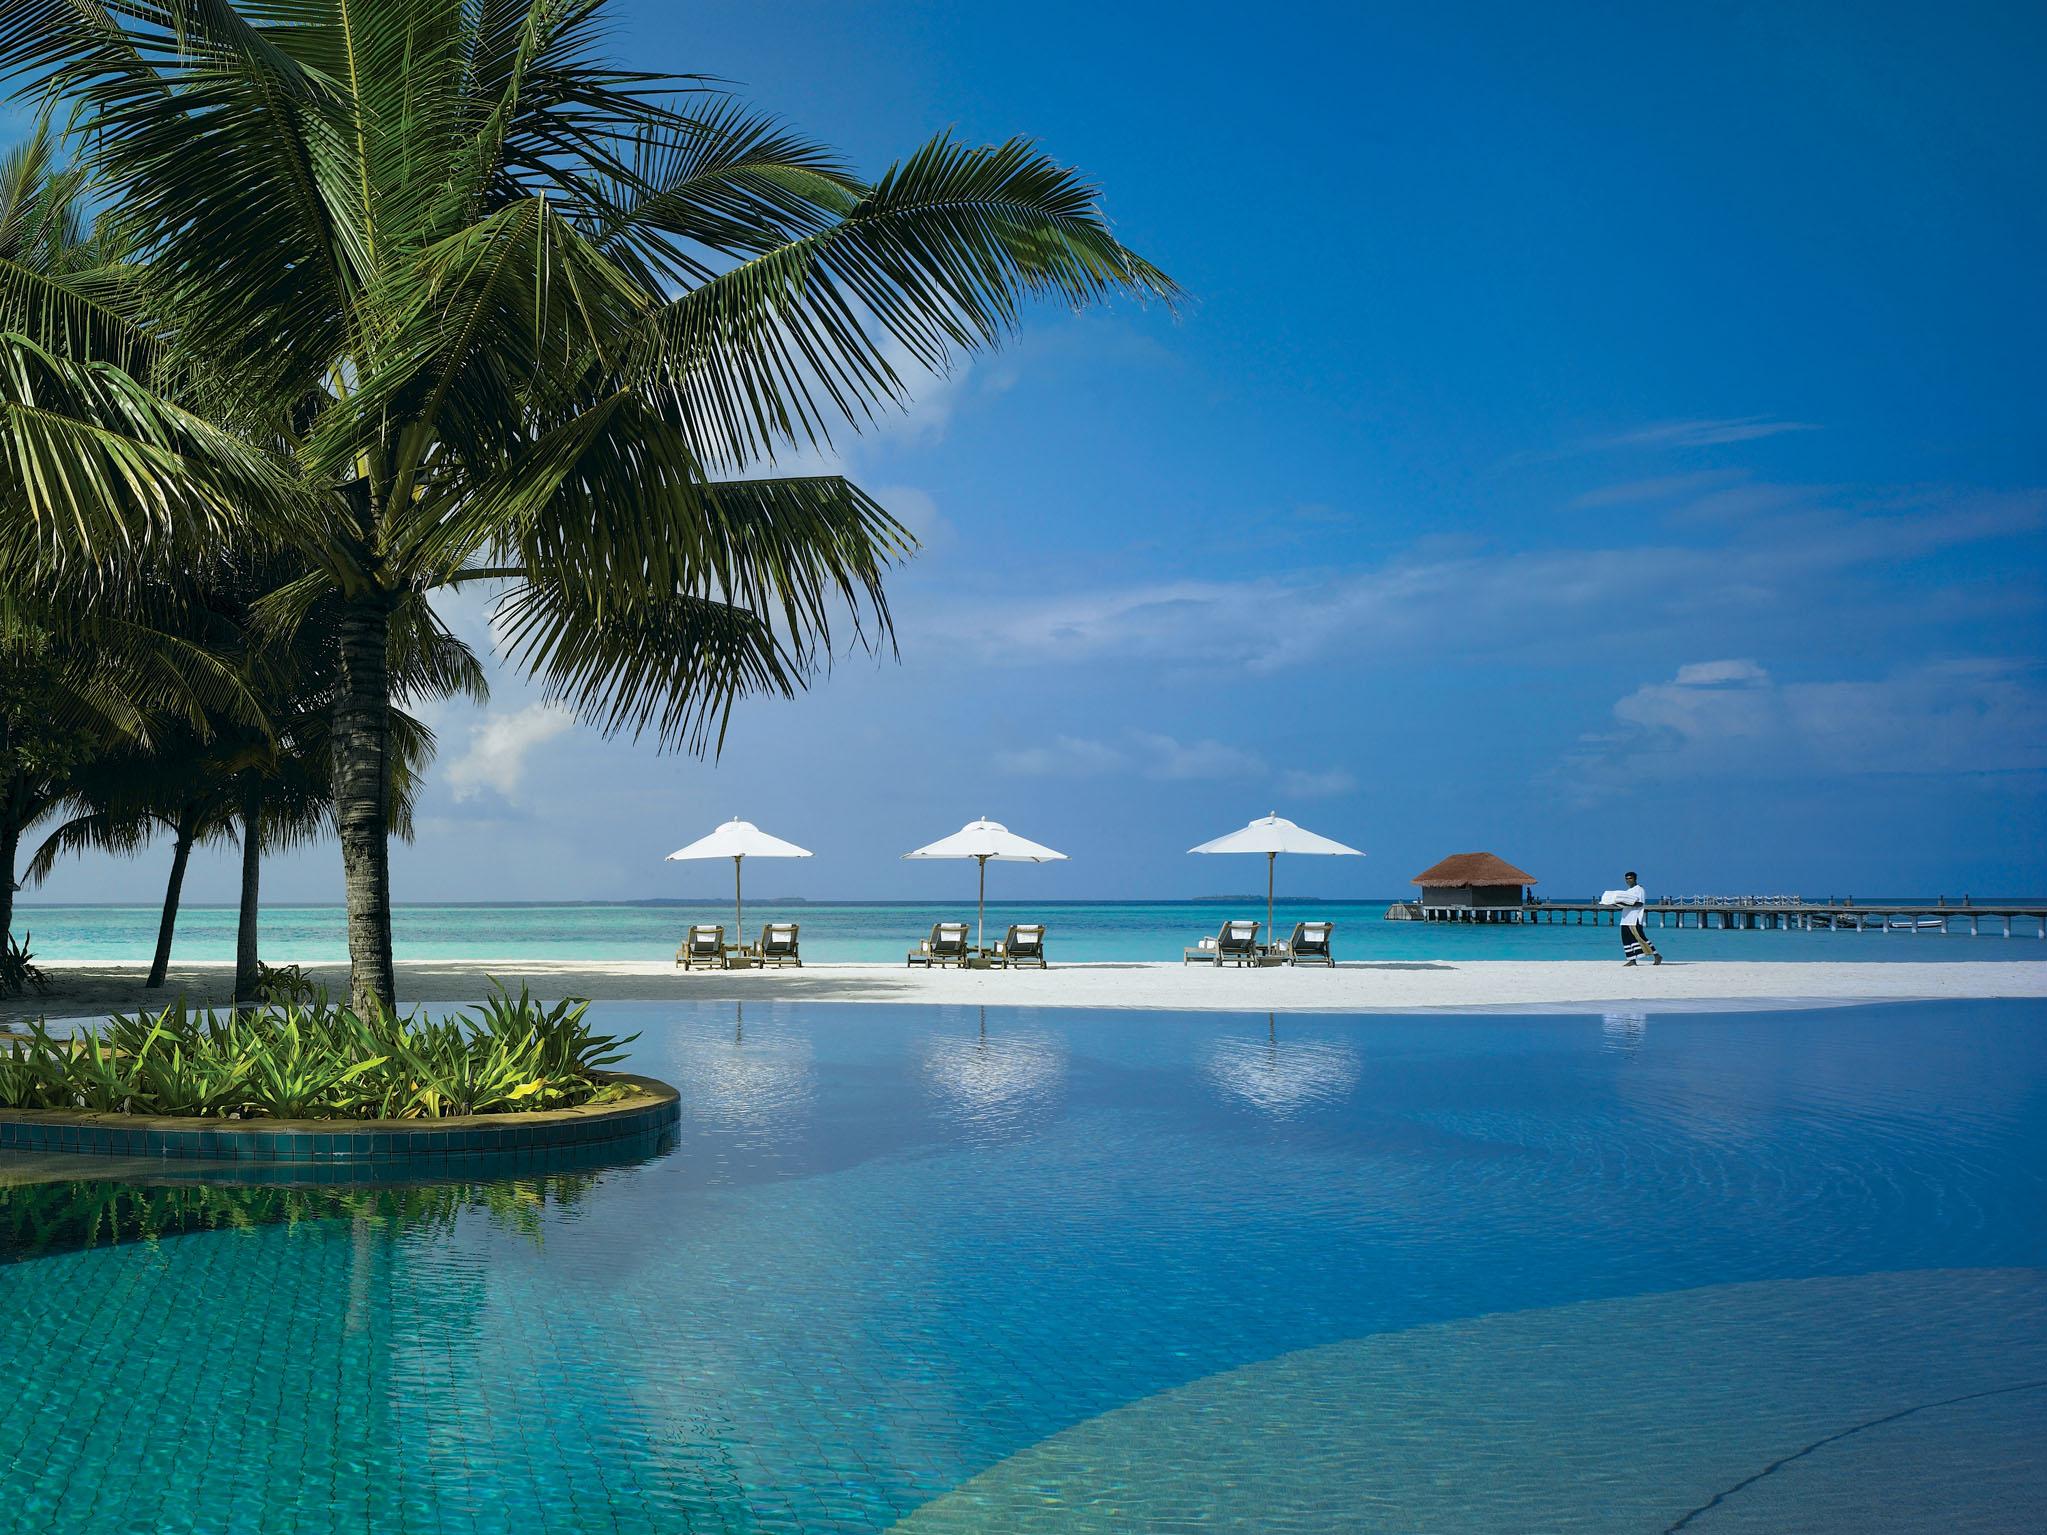 d couverte de l 39 h tel kanuhura aux maldives. Black Bedroom Furniture Sets. Home Design Ideas